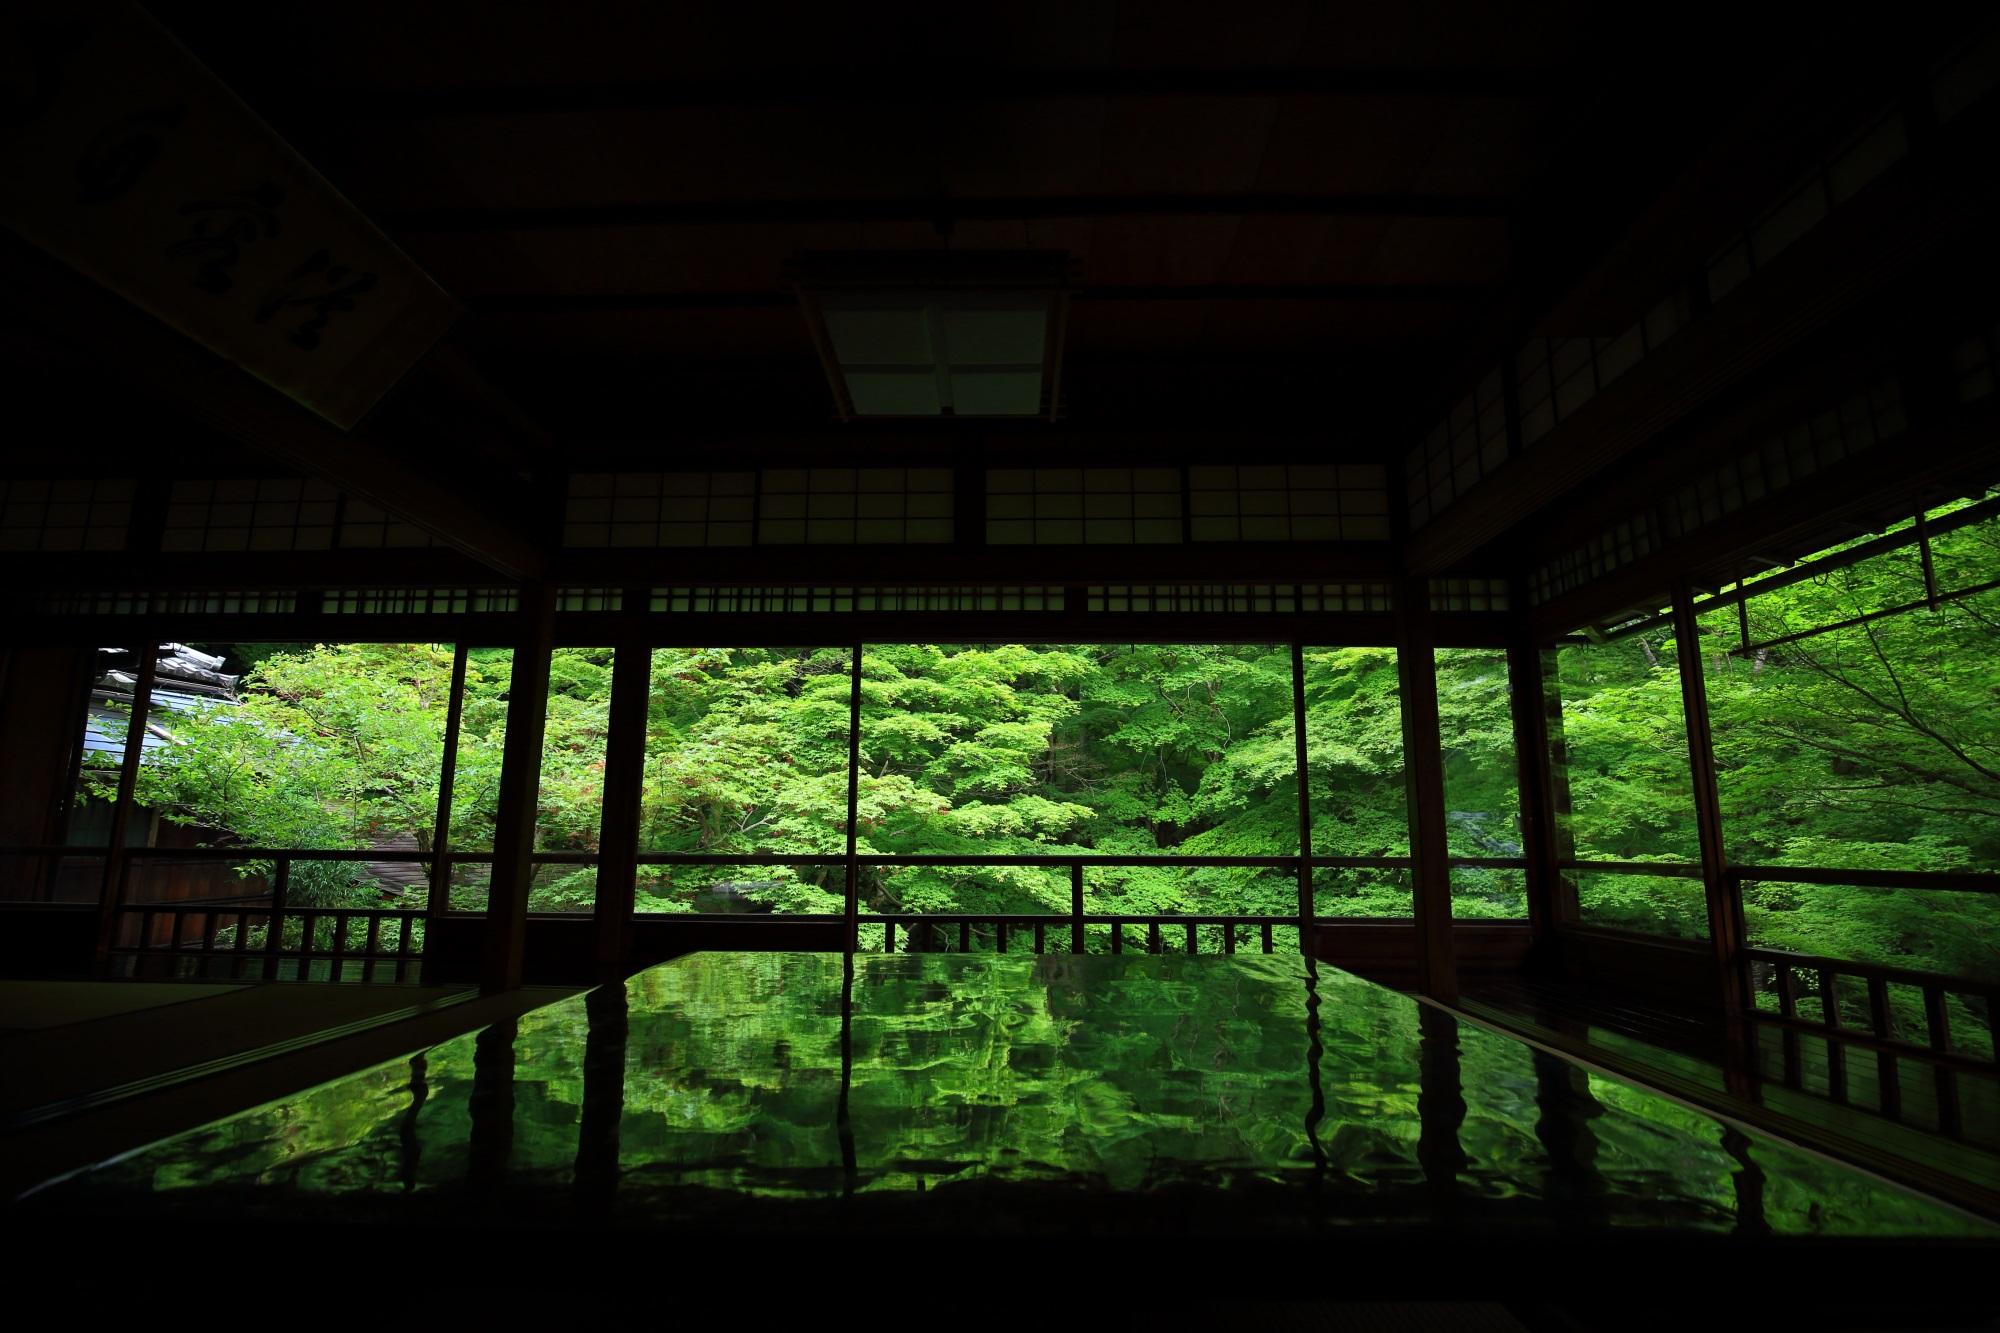 瑠璃光院の書院二階から眺めた見事な新緑と青もみじ